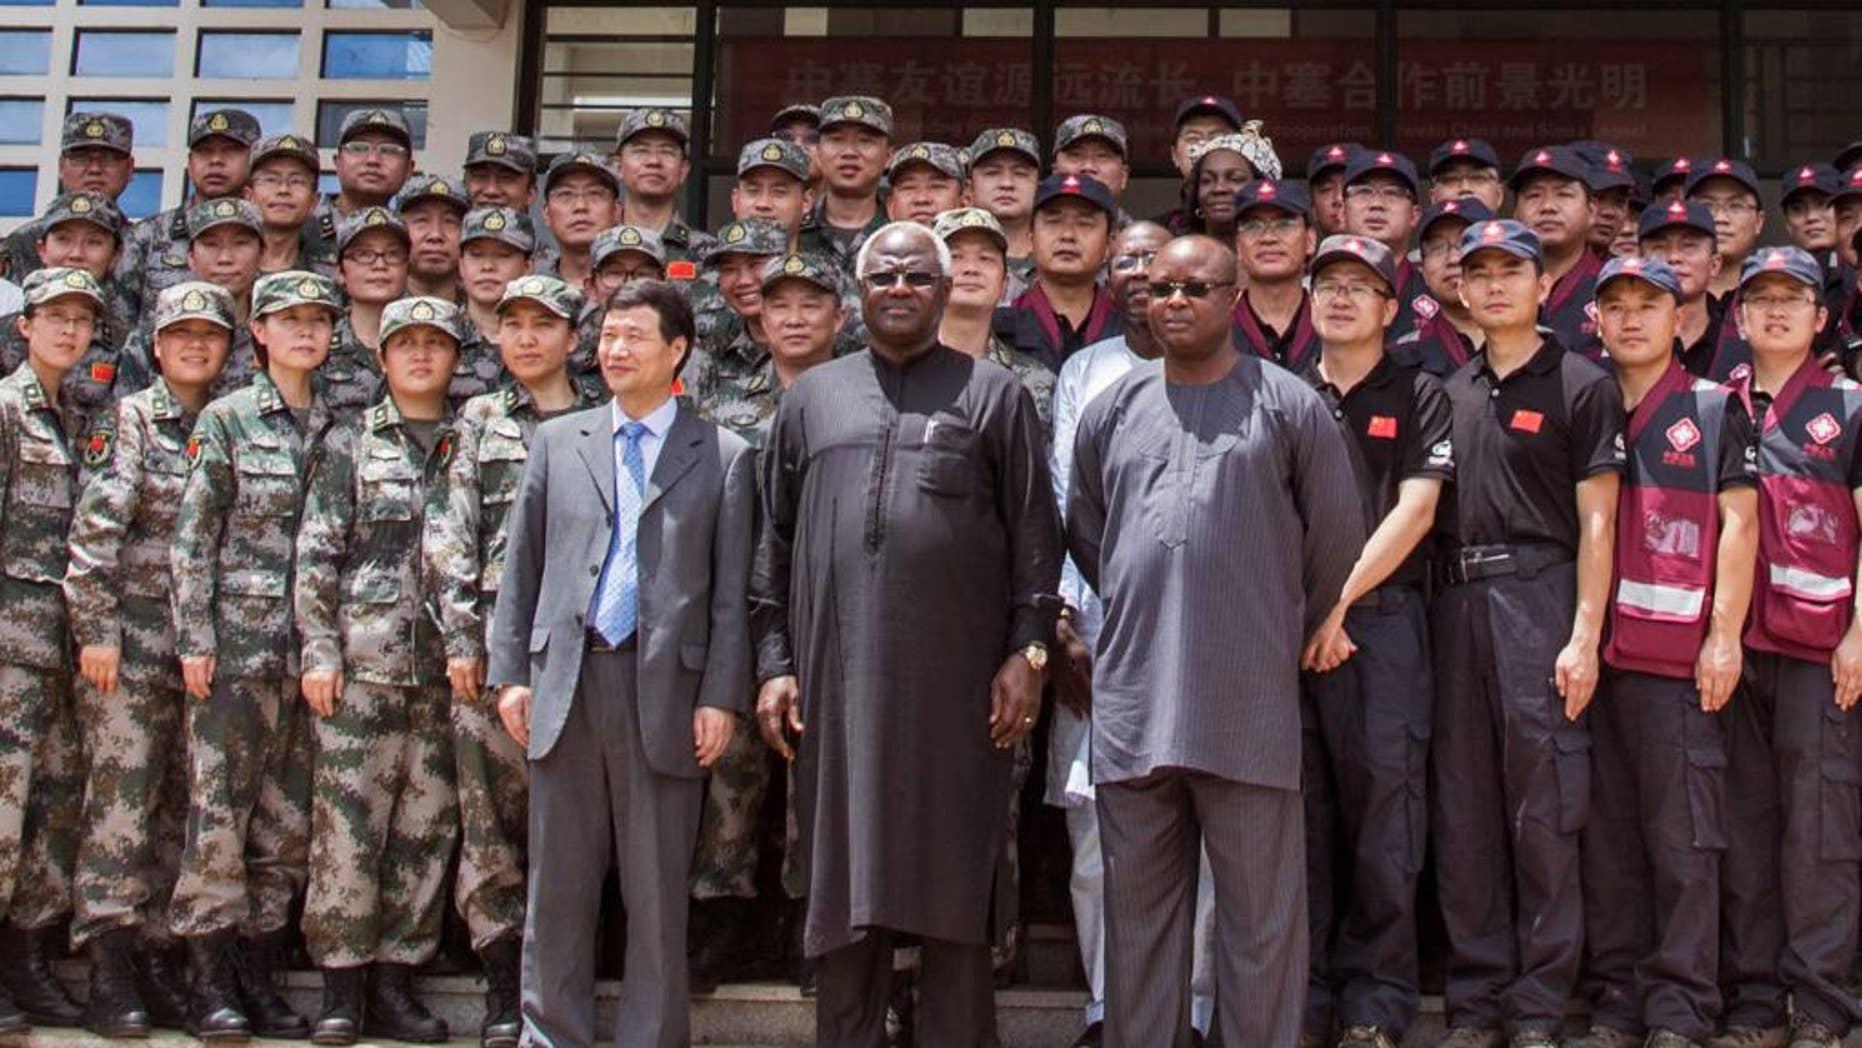 En esta foto del 25 de septiembre de 2014, de izquierda a derecha se ve al embajador de China Zhao Yanbo, al presidente de Sierra Leona Bai Koroma y al vicepresidente sierraleonés Samuel Sam-Sumana, durante una ceremonia oficial en Freetown, Sierra Leona. El presidente Koroma destituyó el miércoles 18 de marzo de 2015 al vicepresidente. (Foto AP/Michael Duff, Archivo)